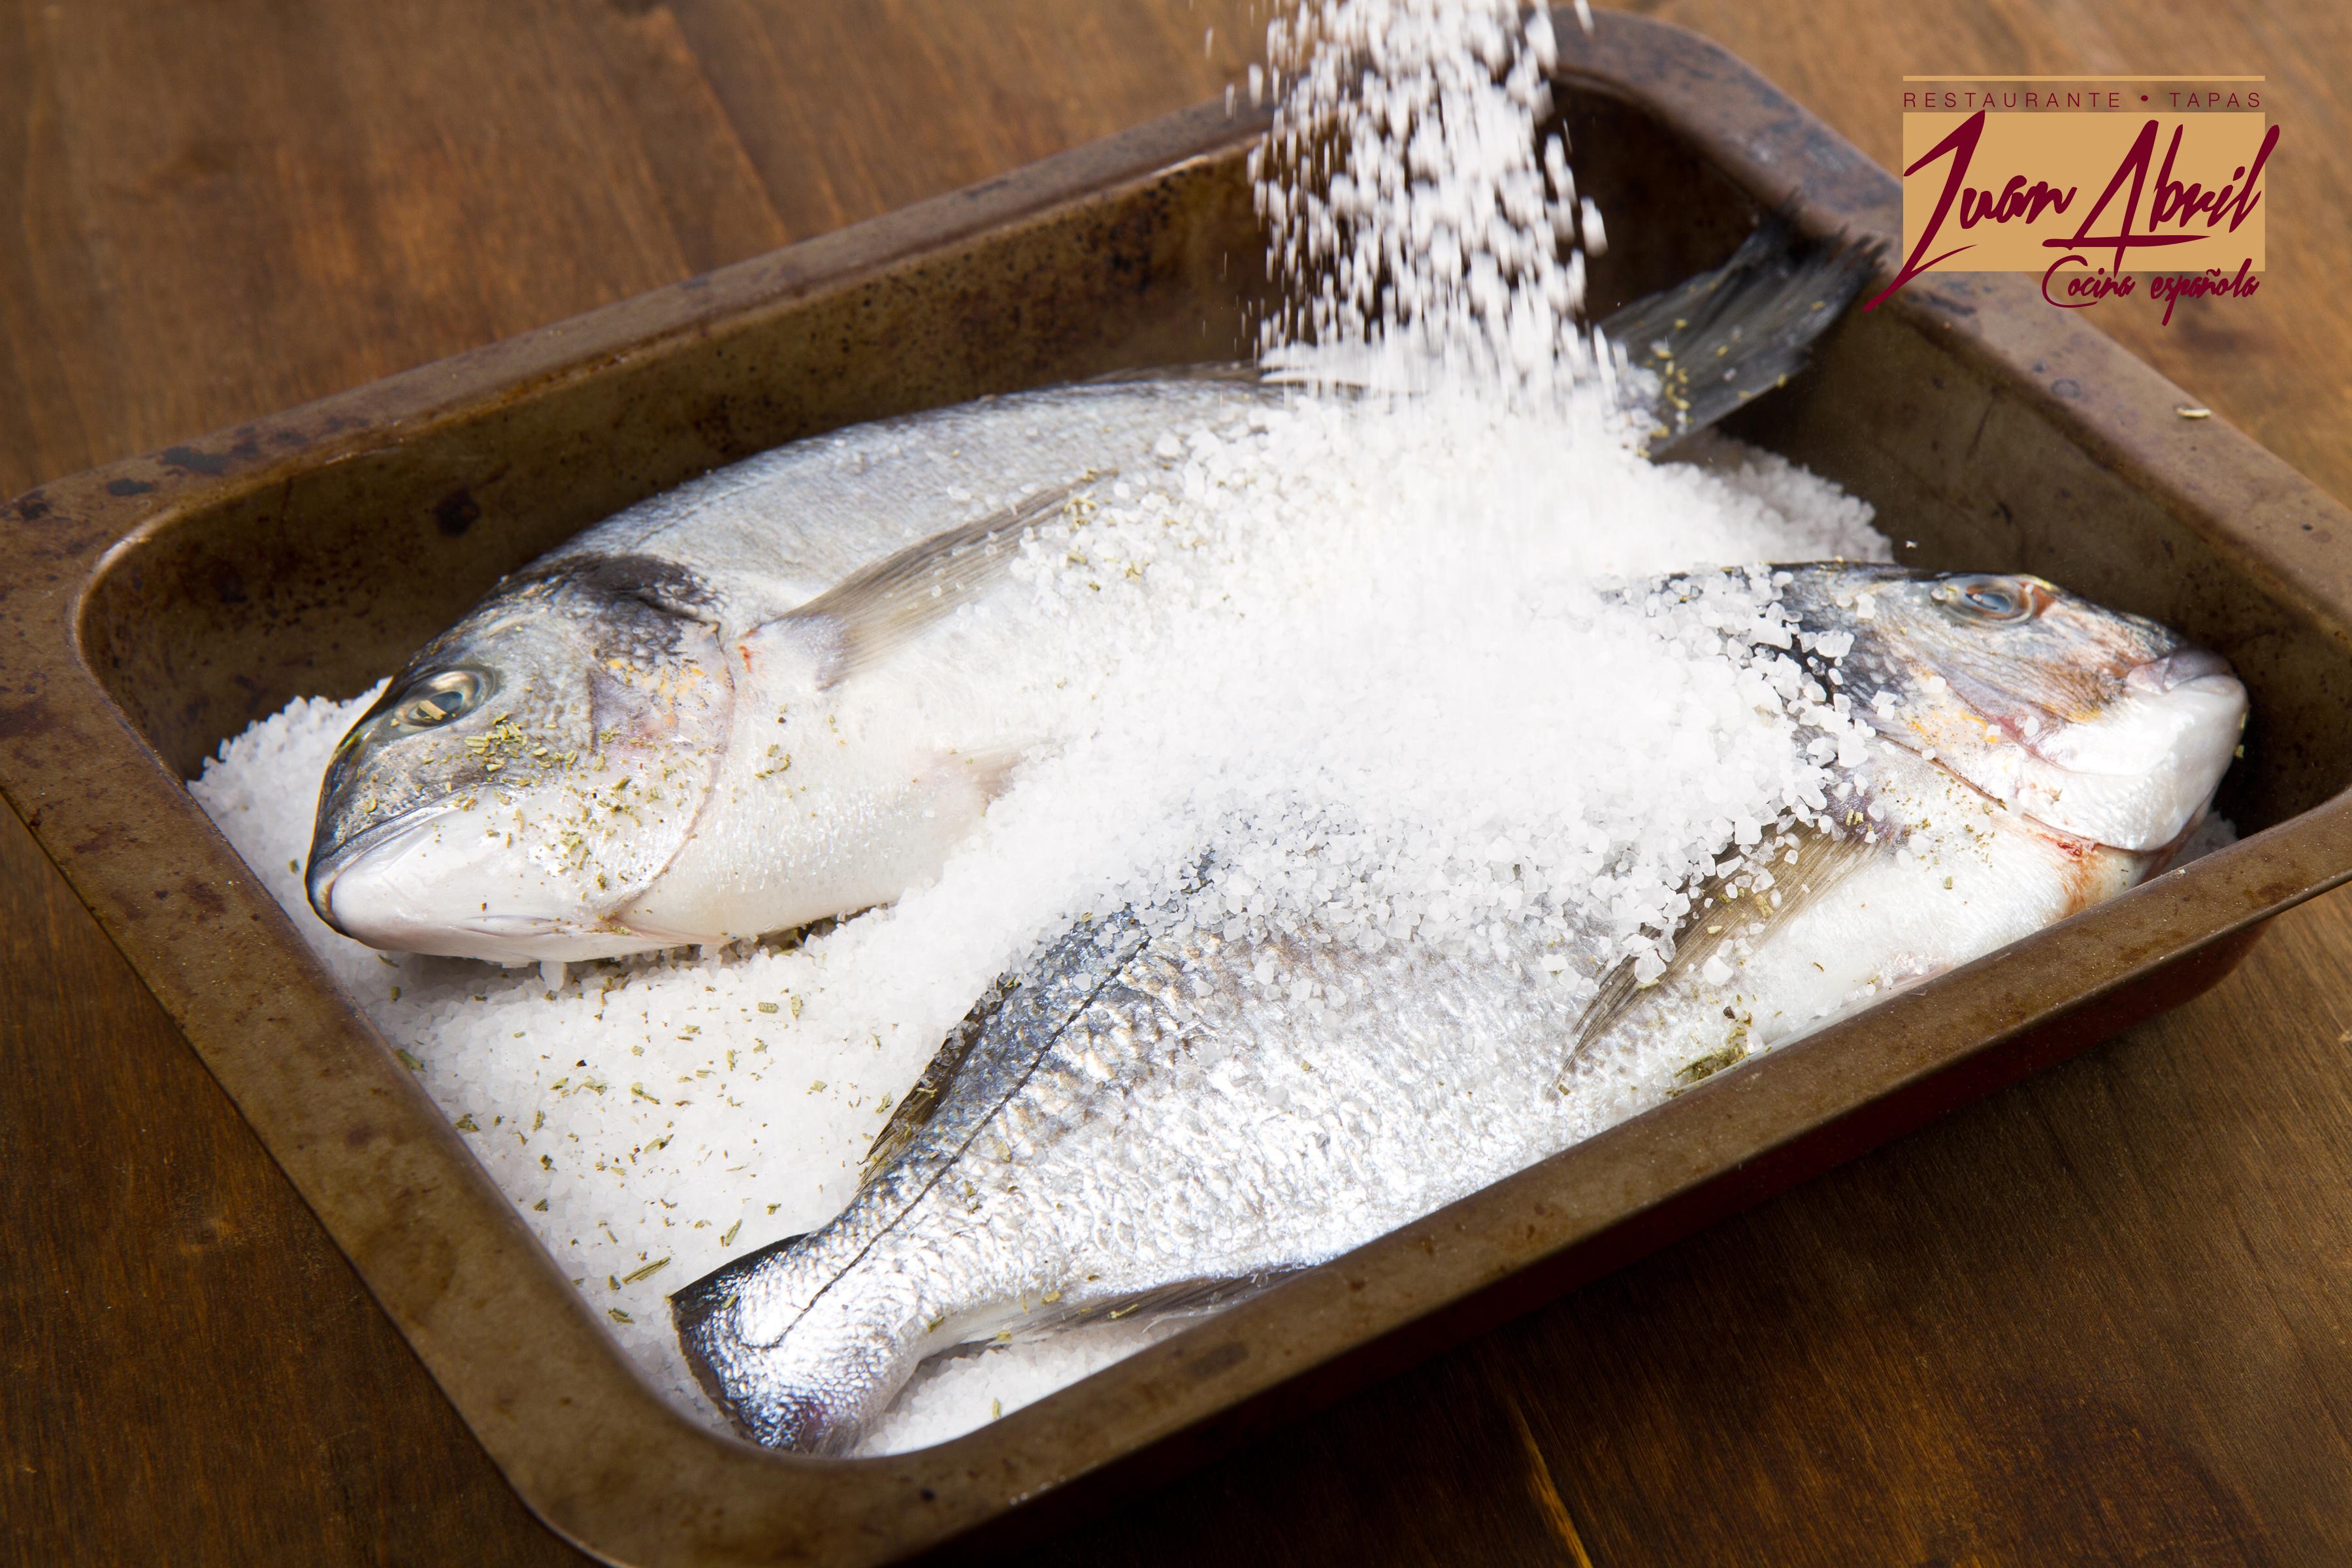 Pescado a la sal del Restaurante Juan Abril